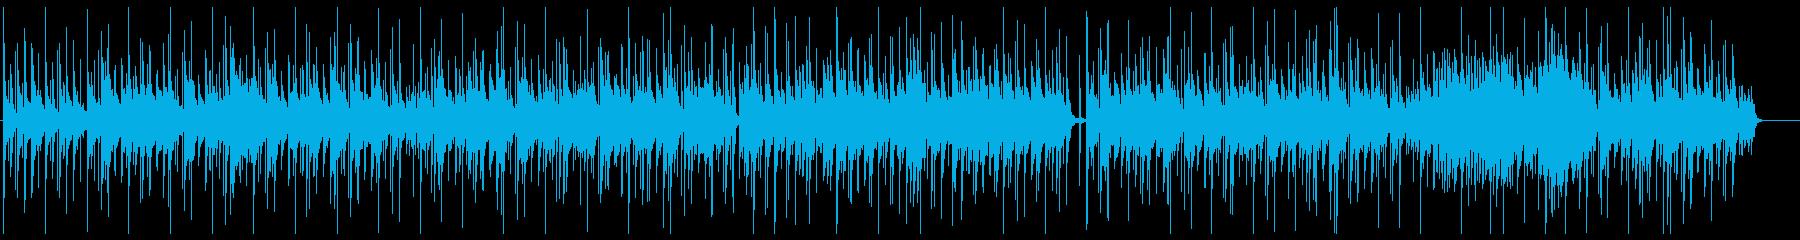 ほのぼの、コミカルアコギサウンド、子供の再生済みの波形